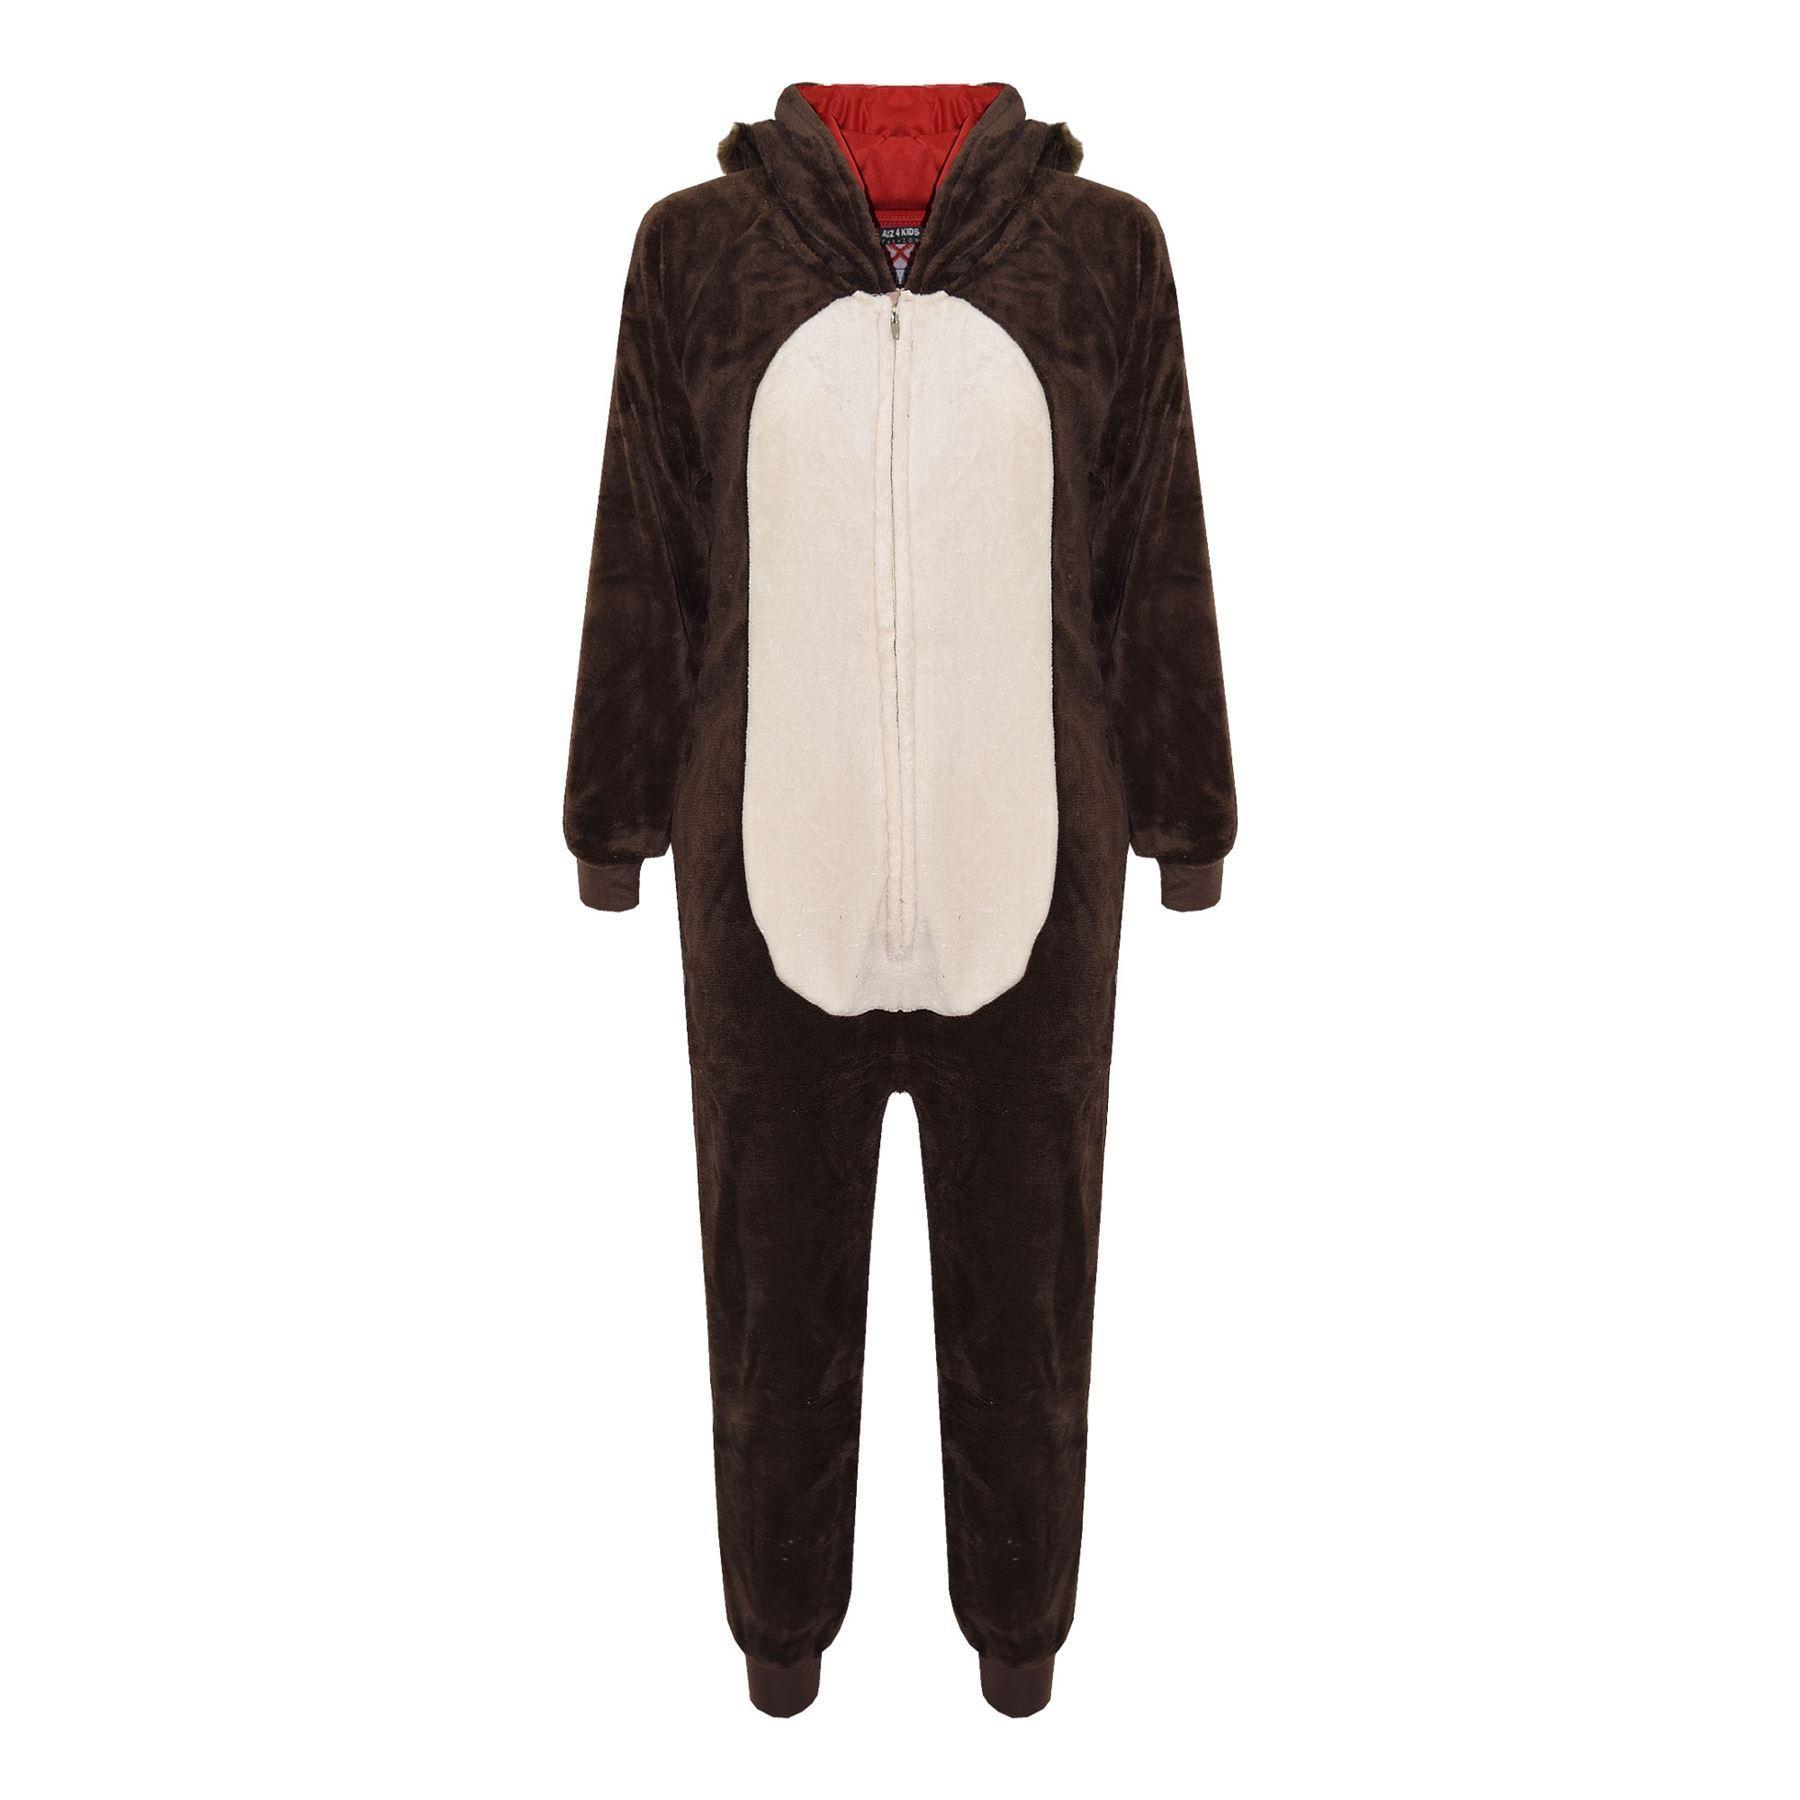 Kids-Girls-Boys-Soft-Fluffy-Animal-Monkey-A2Z-Onesie-One-Piece-Halloween-Costume miniatuur 83